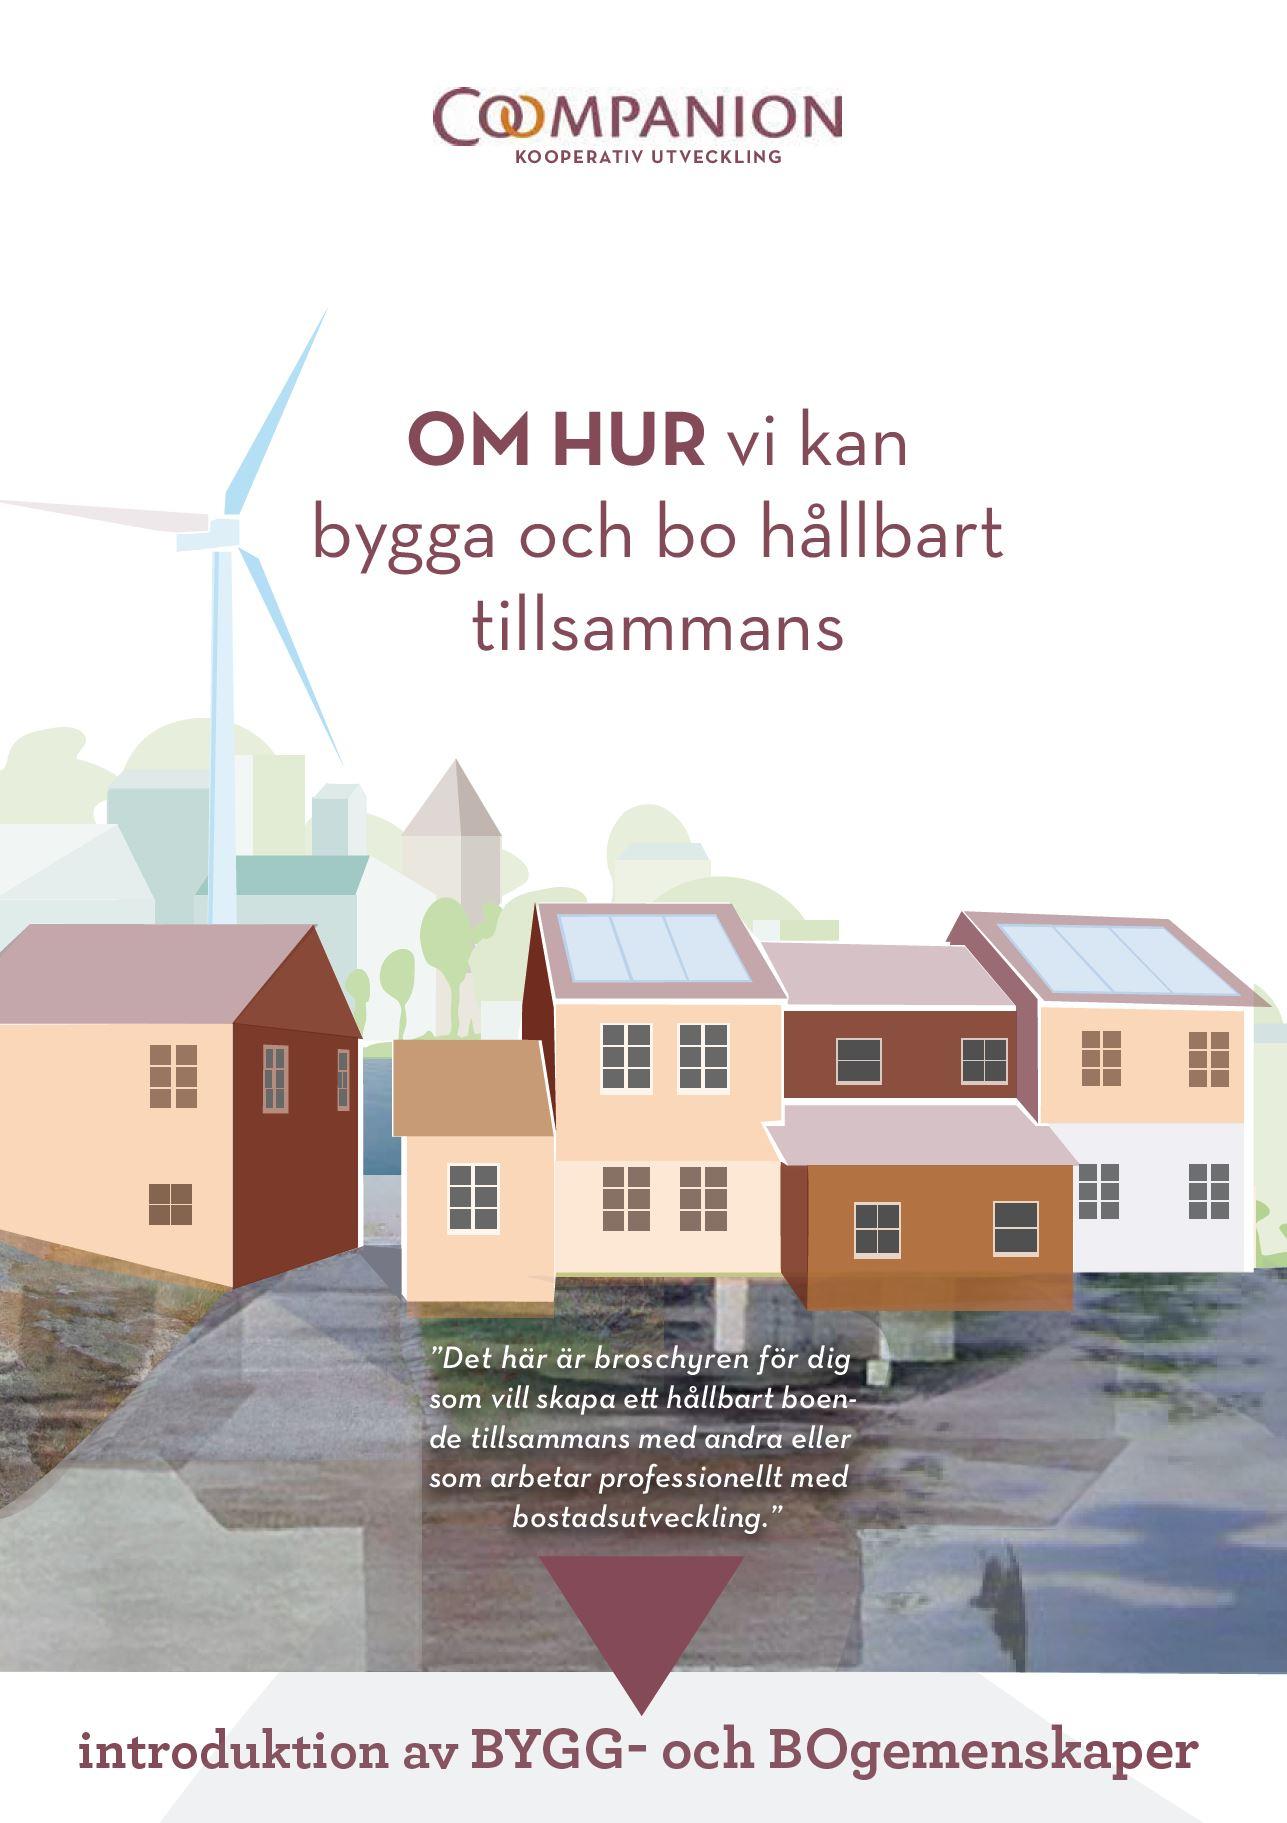 2019. Coompanion har tagit fram en borschyr om hur vi kan bygga och bo hållbart tillsammans. Broschyren riktar sig till dig som vill skapa ett hållbart boende tillsammans med andra eller som arbetar professionellt med bostadsutveckling